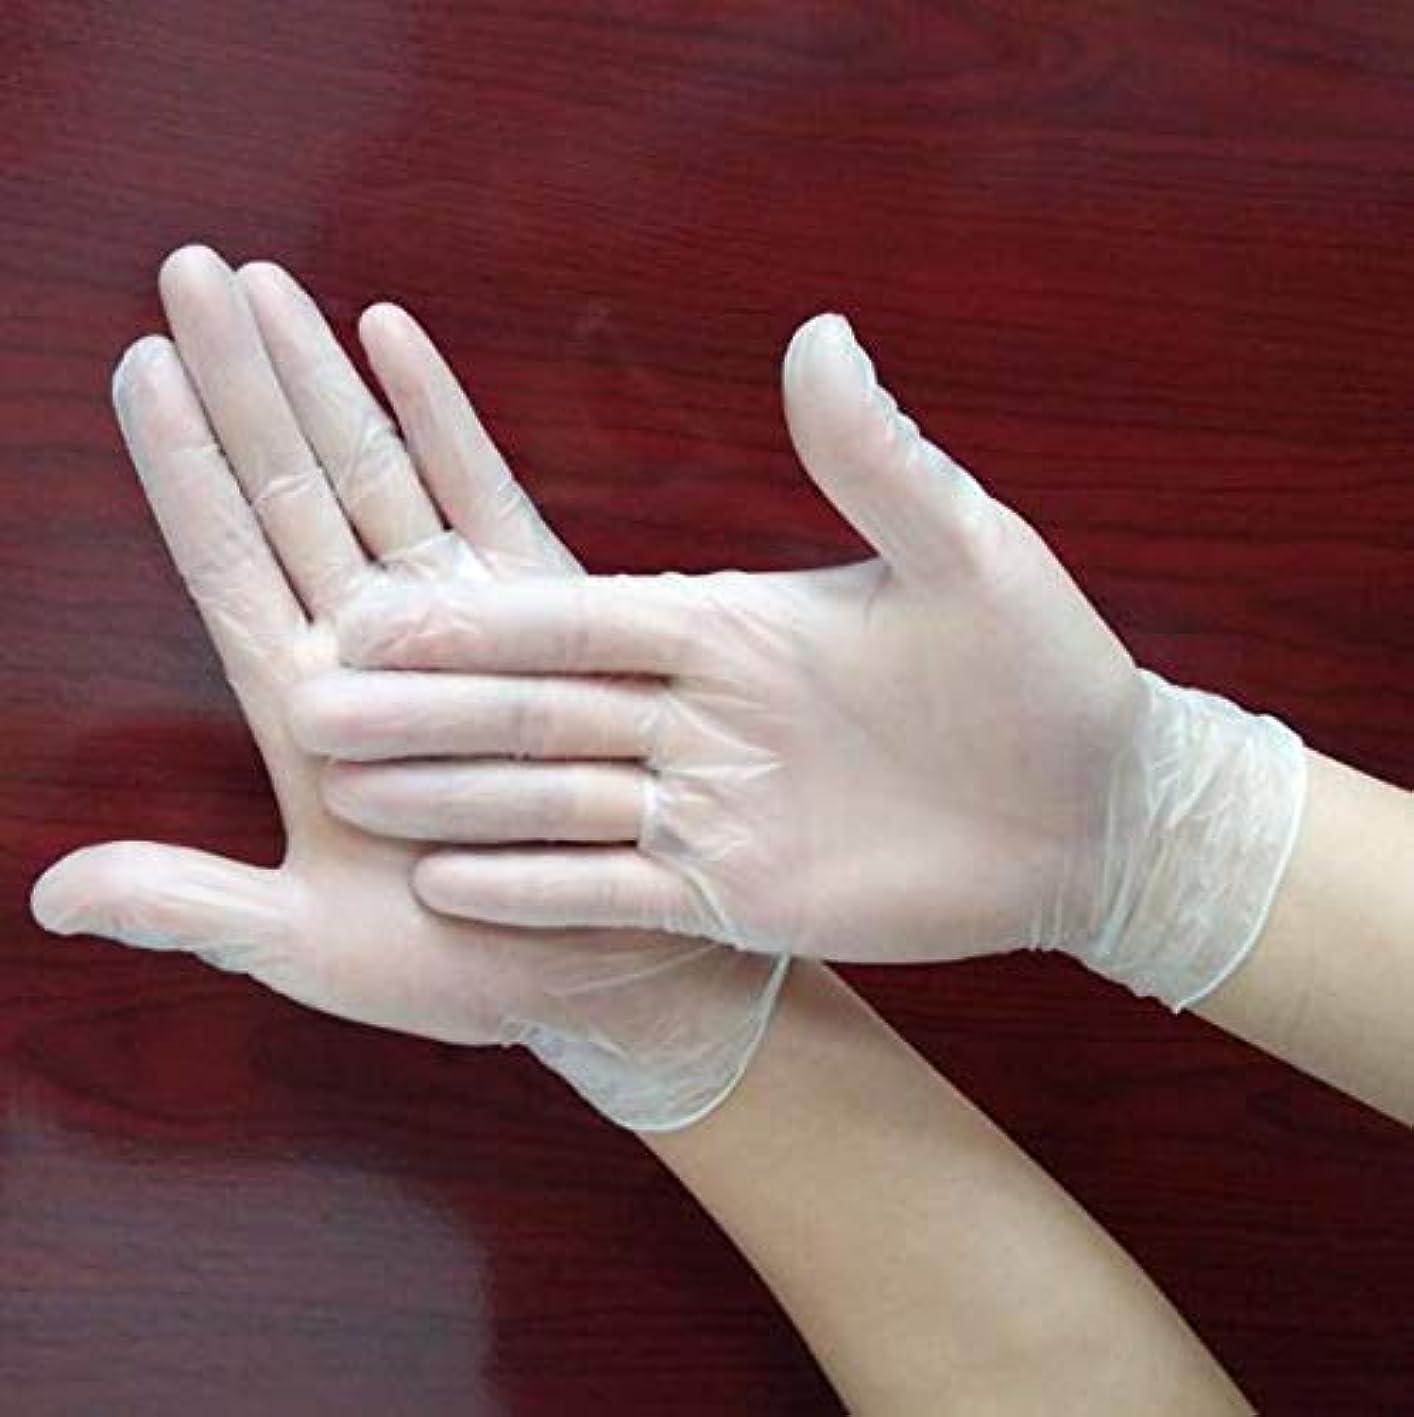 肺アグネスグレイ浸透するハッピー 使い捨てPVC手袋 ベルテプラテ 使い捨て手袋 PVCグローブ 粉なし パウダーフリー 左右兼用 (M)